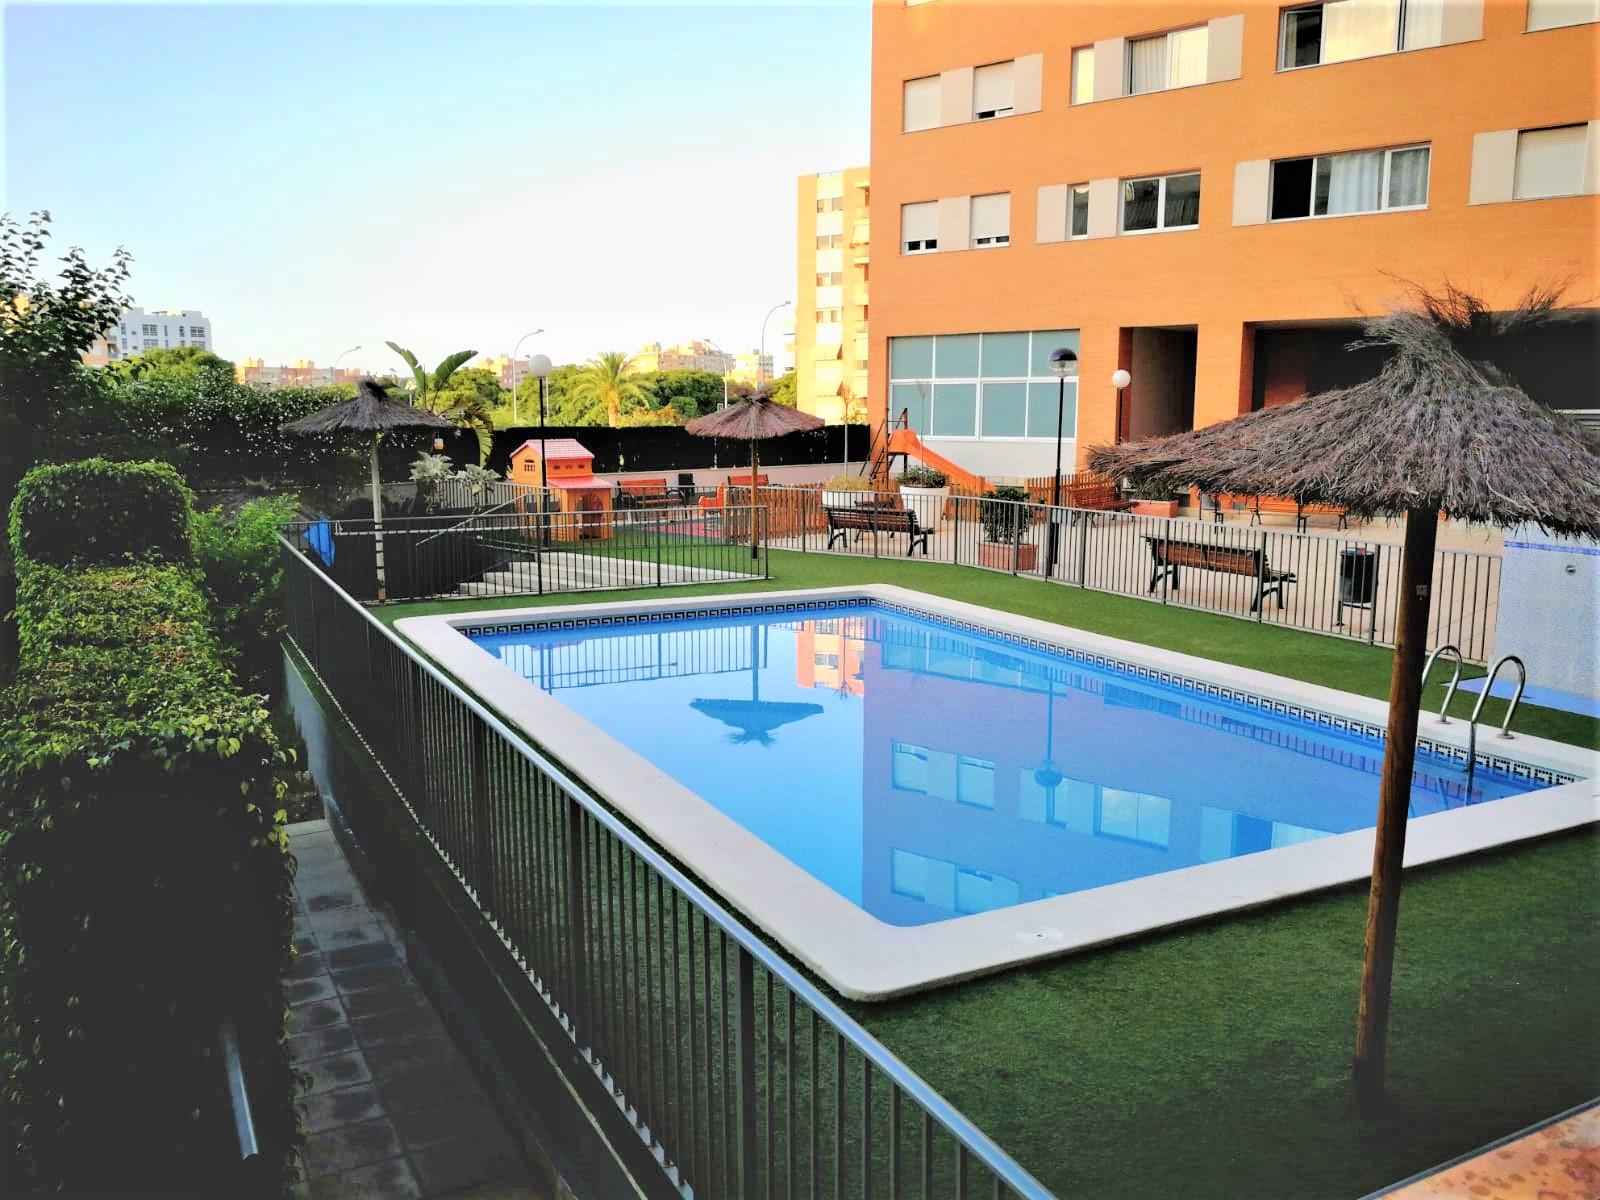 Piso – 3 dormitorios – Parque Avenidas – Alicante